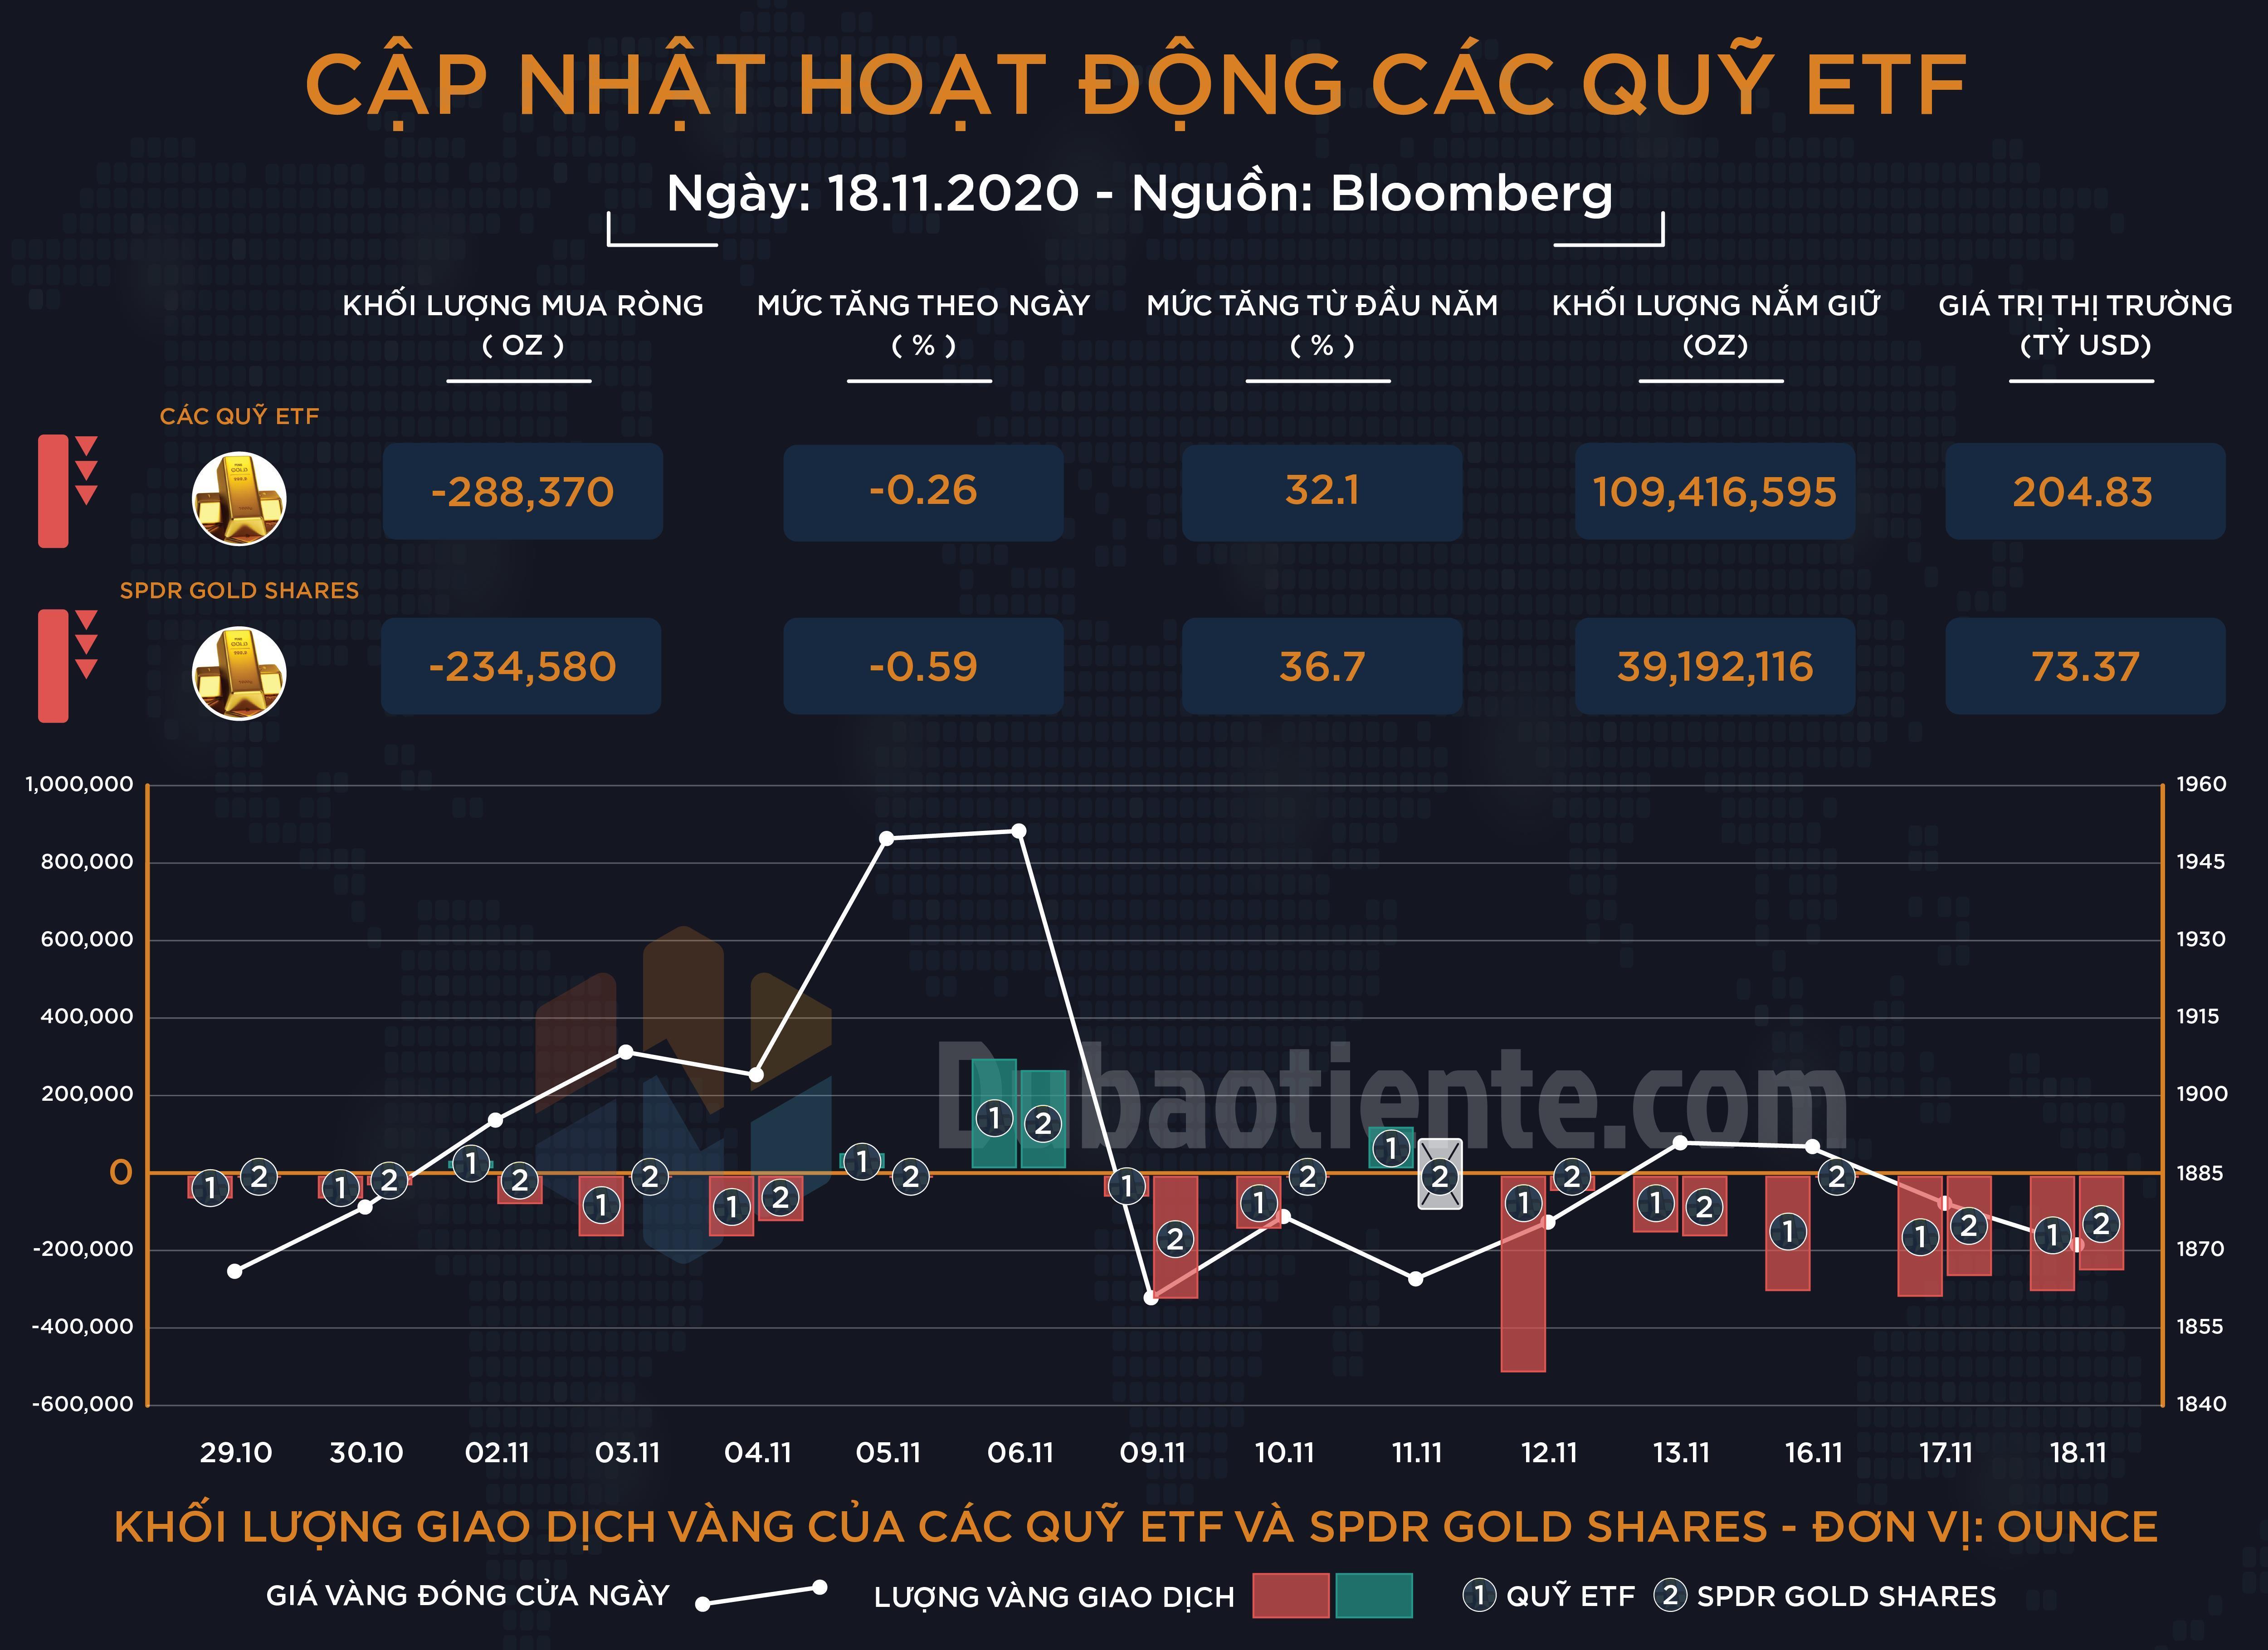 Đồ thị khối lượng vàng giao dịch của các quỹ ETF toàn cầu và SPDR Gold Shares - Dubaotiente.